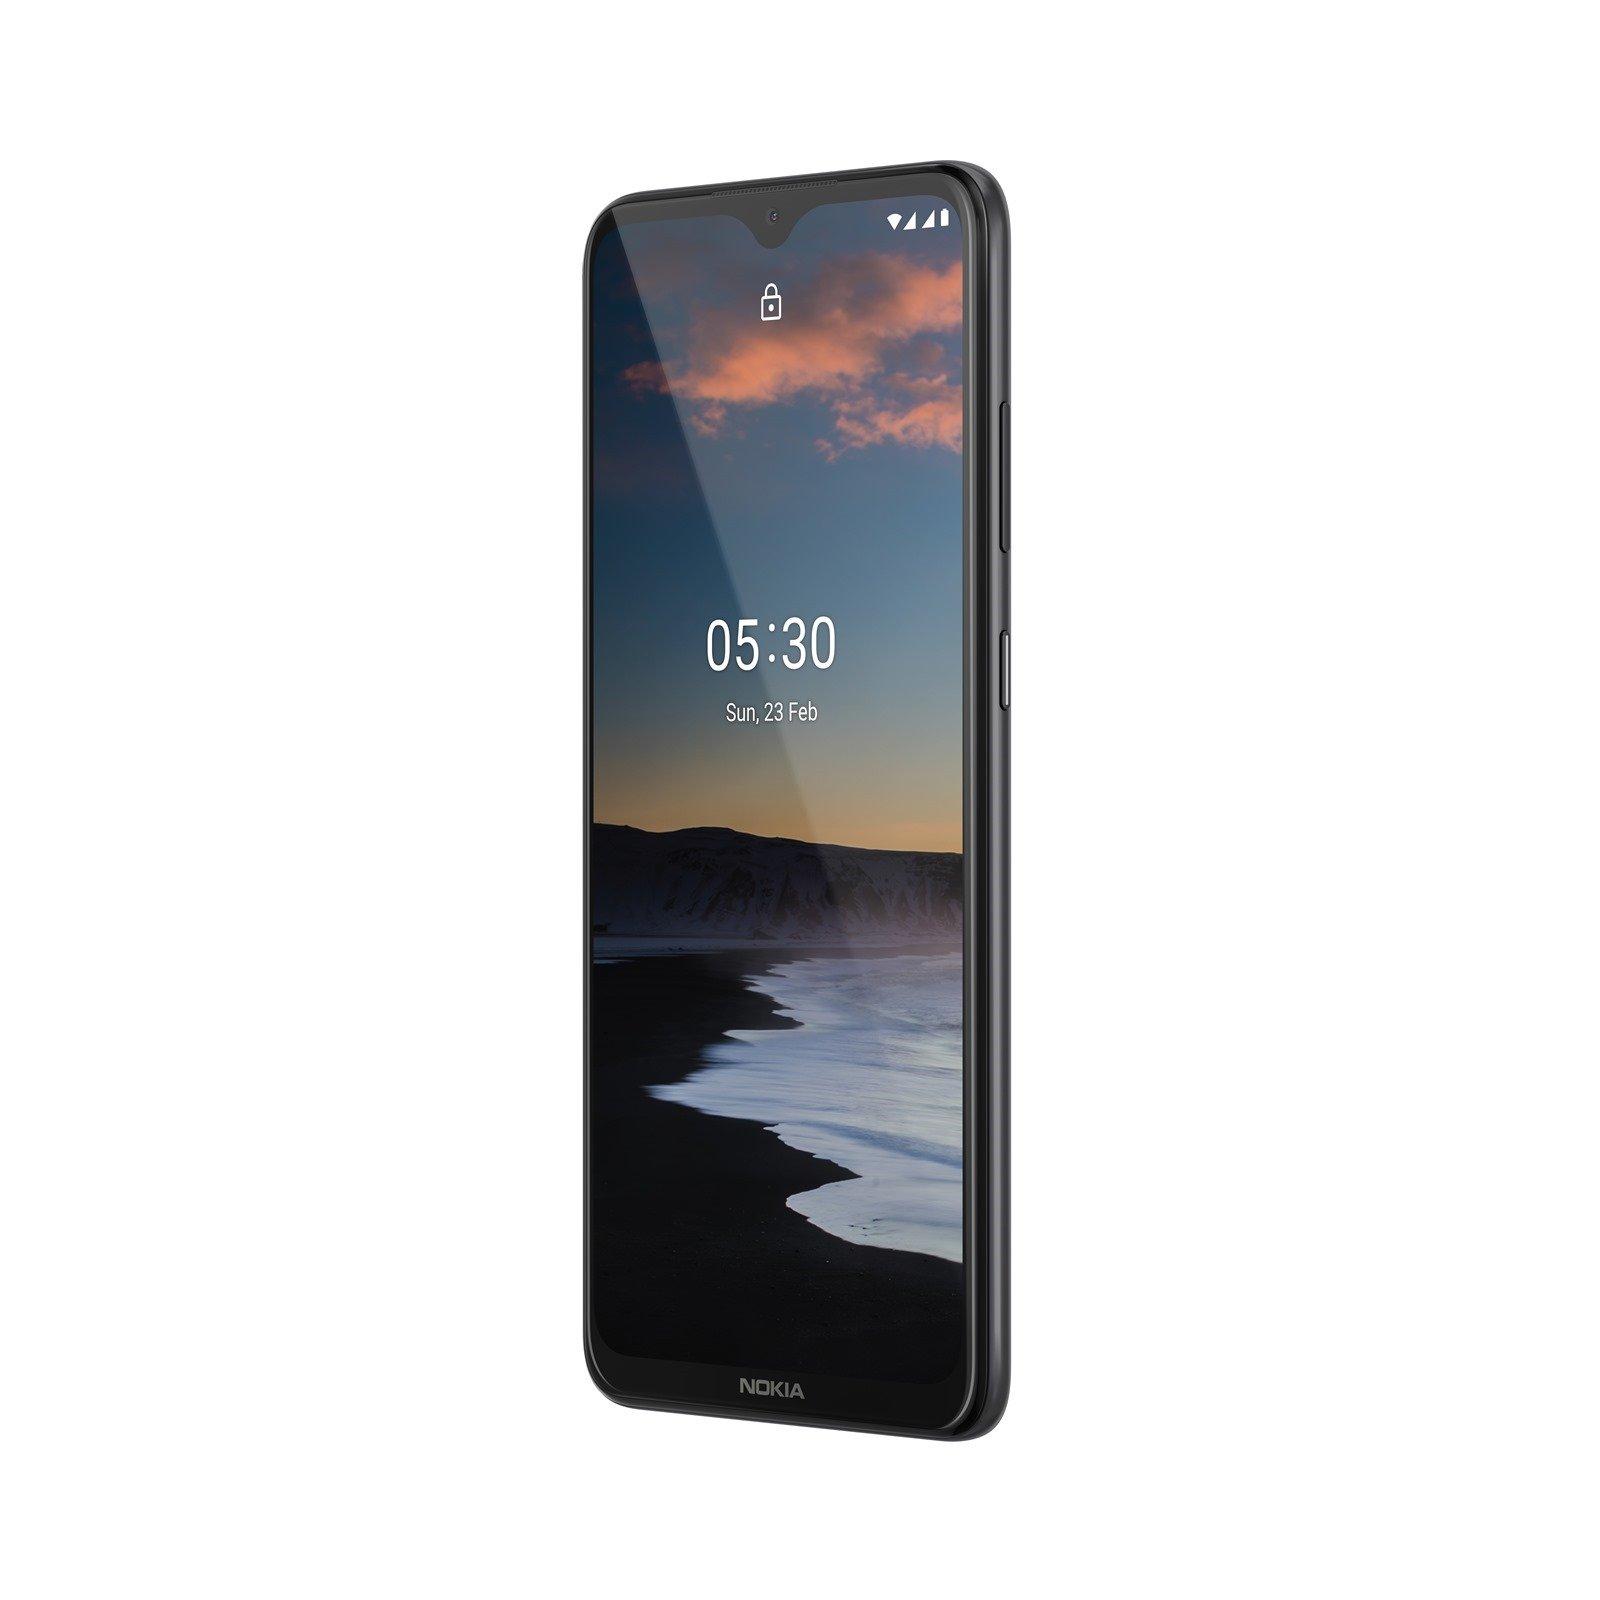 Nokia 5.3 正式登台!6.55 吋超大螢幕 2 天長效超大電量 AI 四主鏡頭 @3C 達人廖阿輝